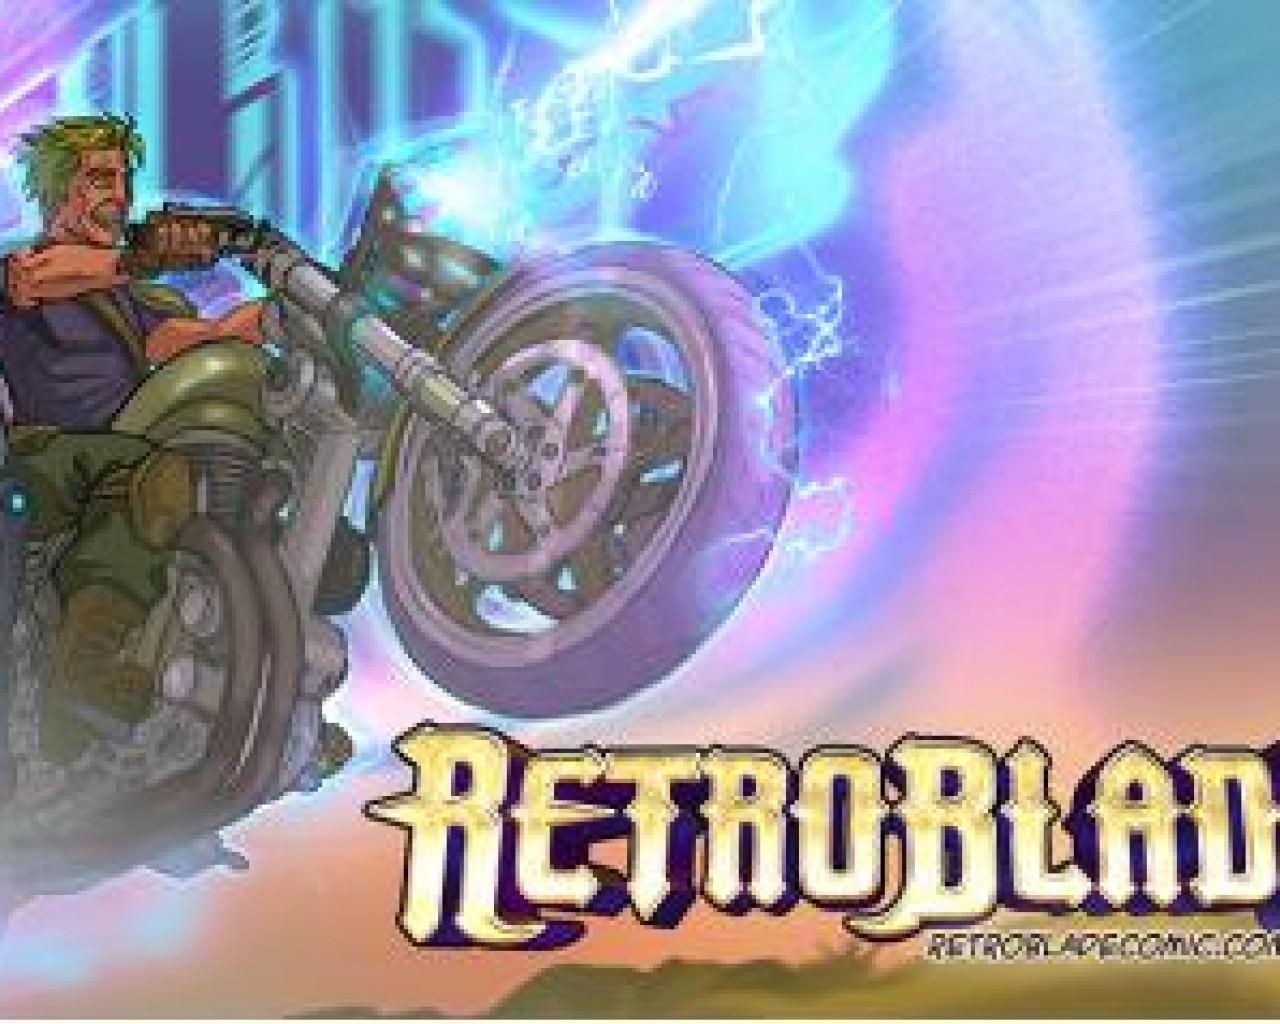 Preview Image 1 for RetroBlade